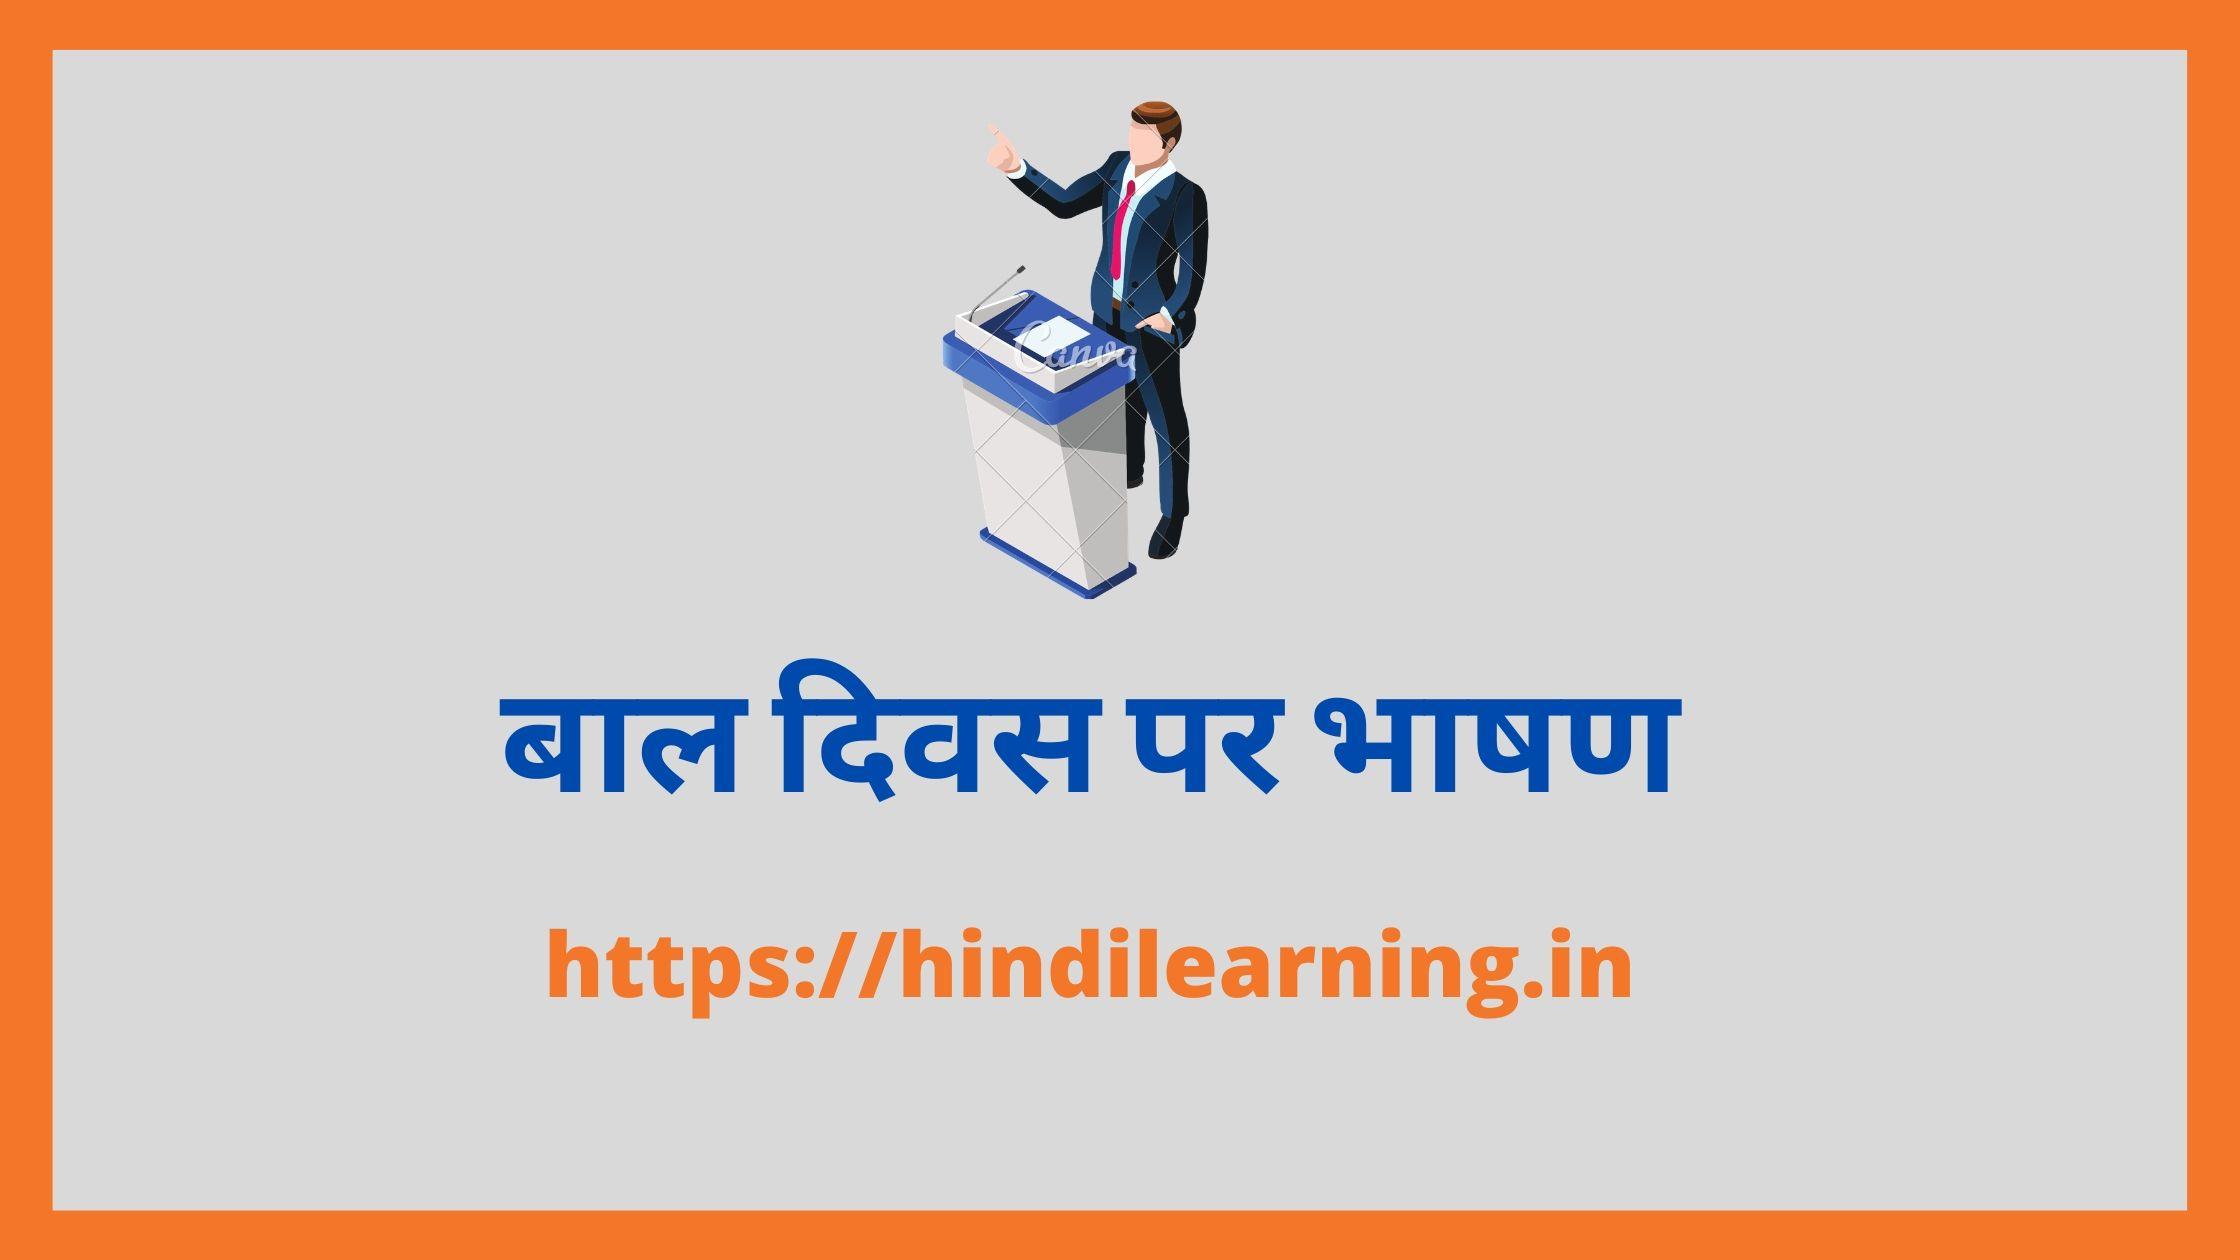 बाल दिवस पर भाषण - Children's Day Speech in Hindi